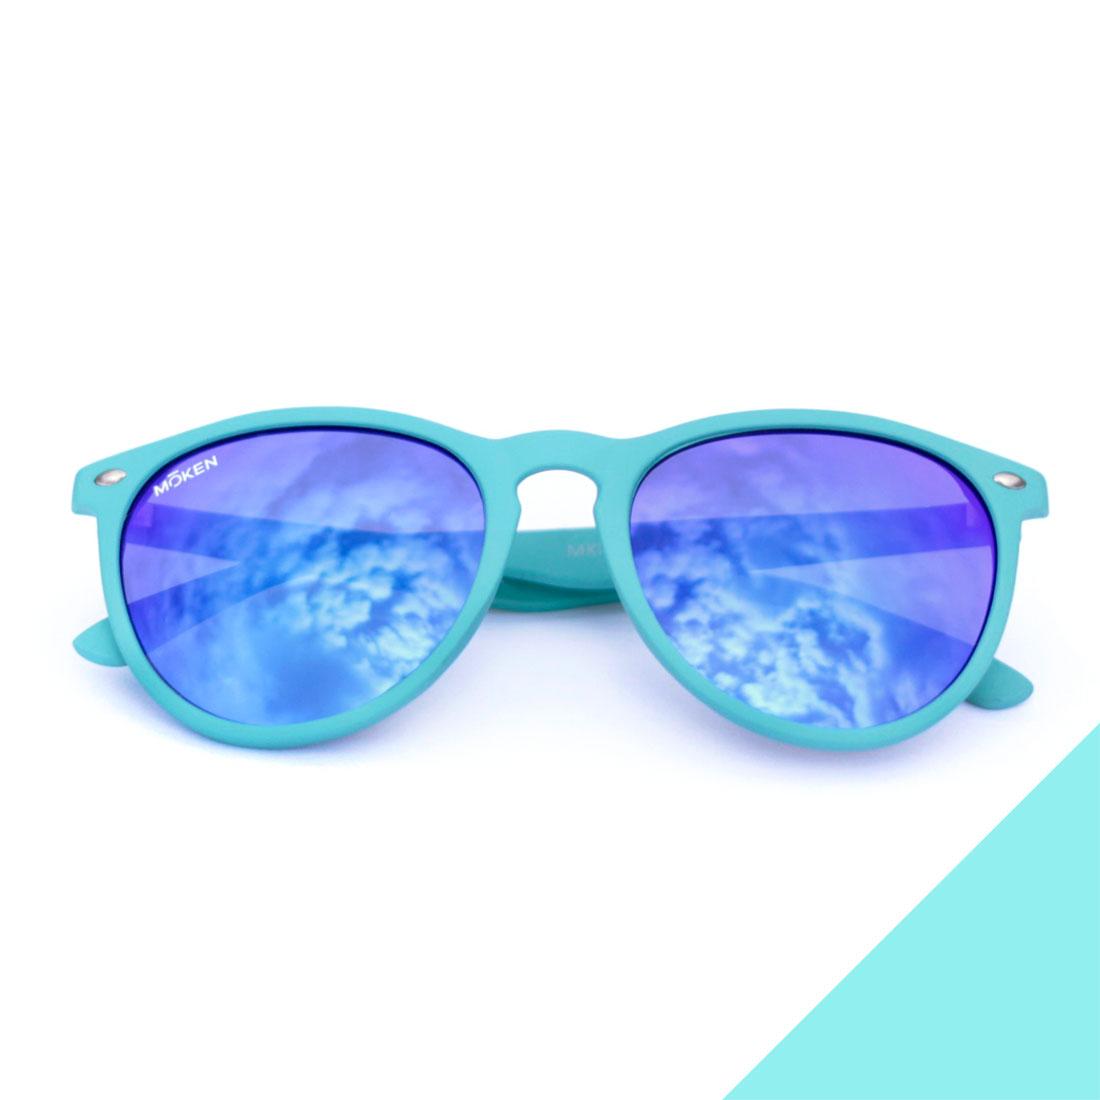 Modèle solaire MAYDAY montures bleues et verres flash bleus